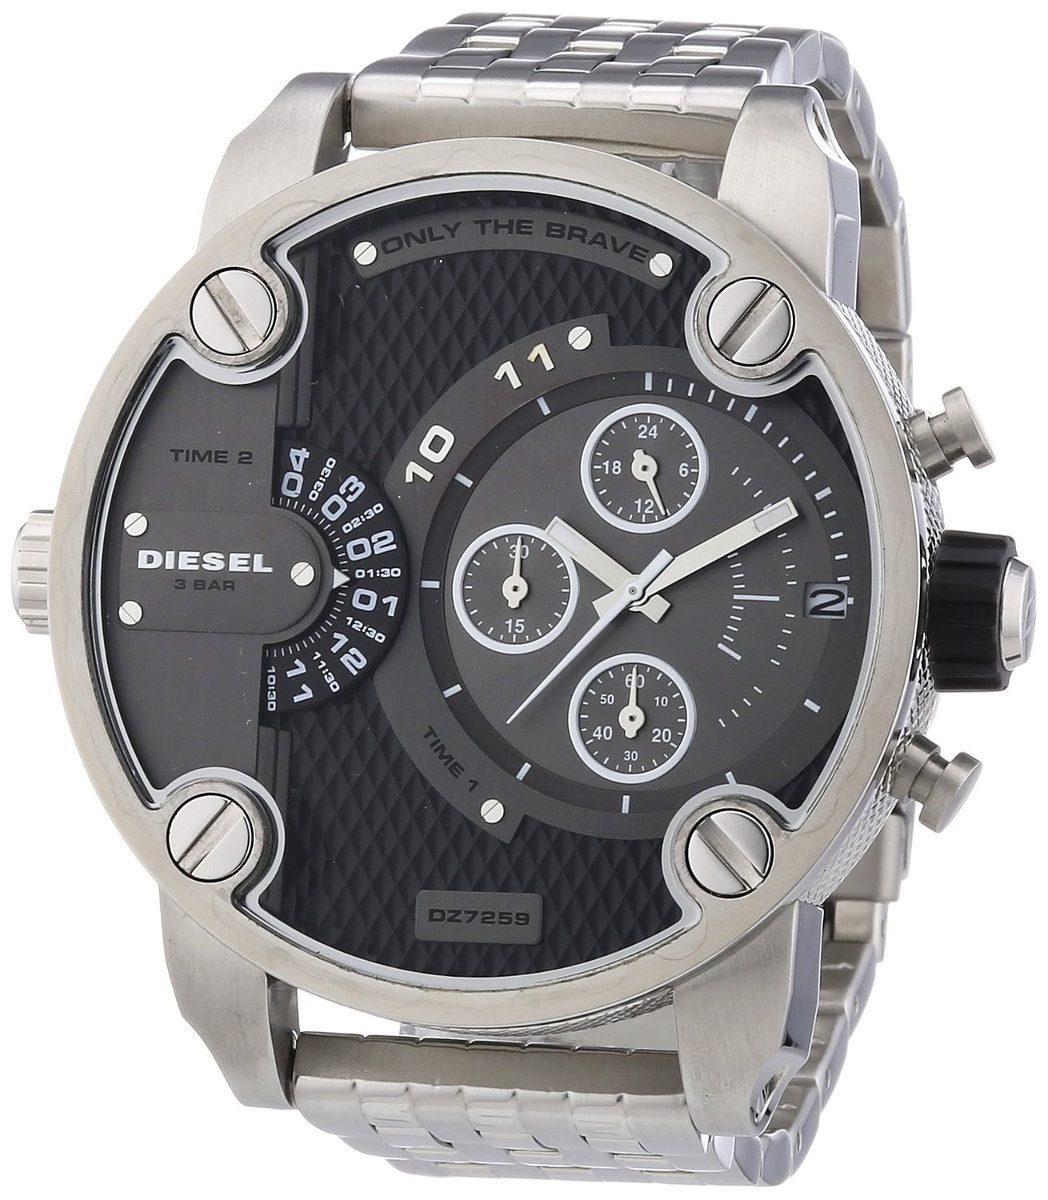 01d8936ed764a relógio diesel original masculino idz7259 z de luxo em aço. Carregando zoom.